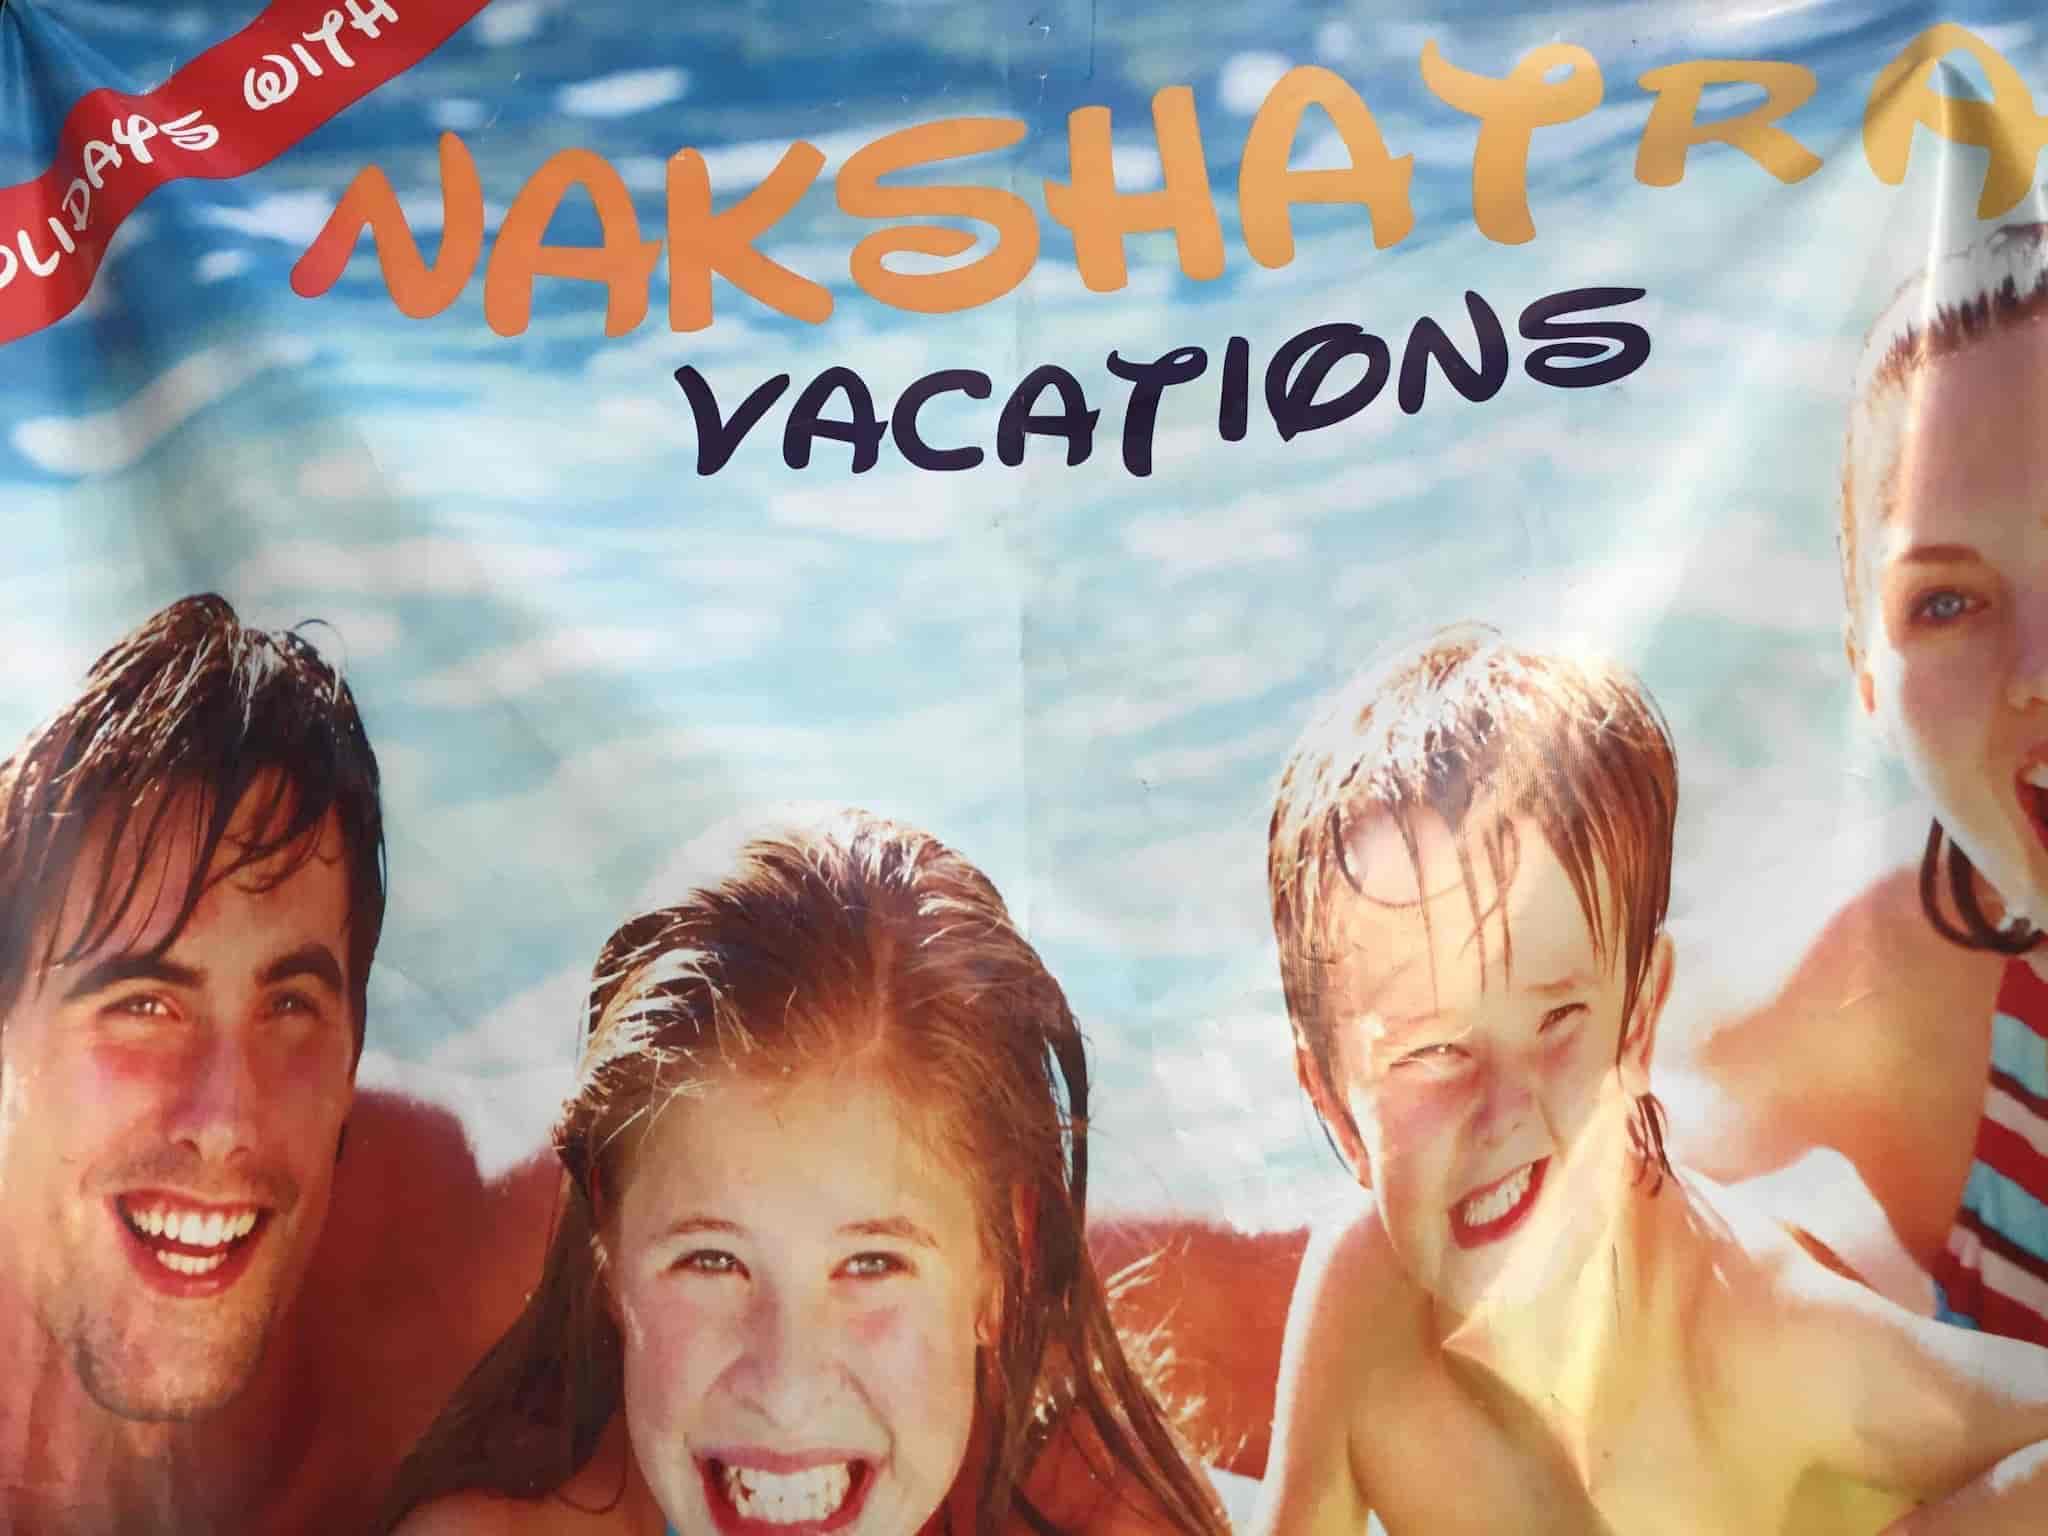 Nakshatra Vacation Tonk Road